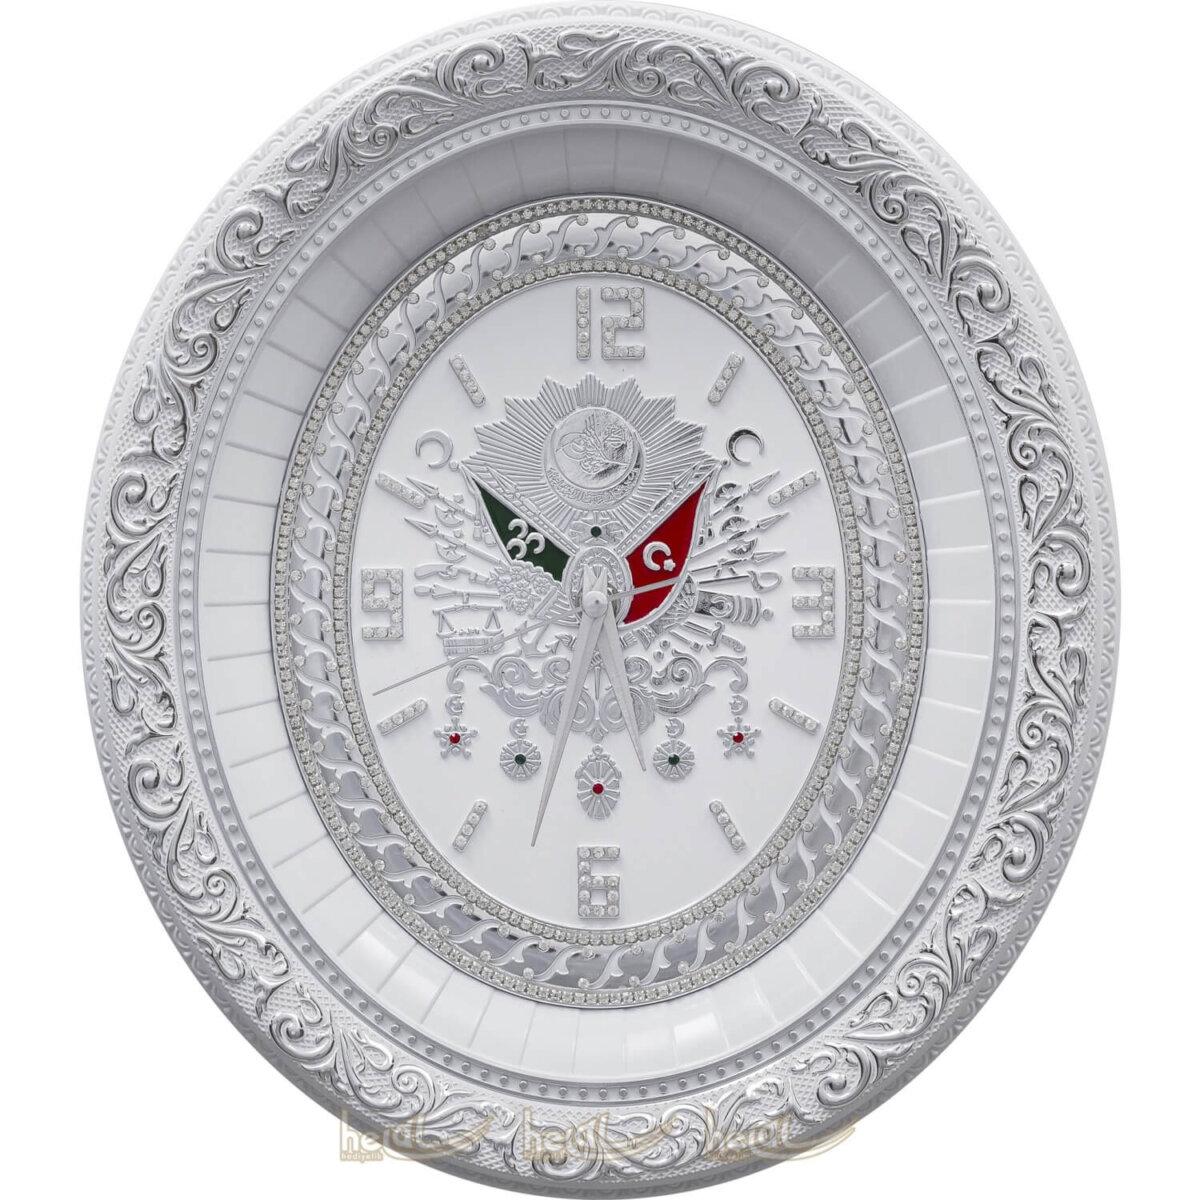 32x37cm Osmanlı Devlet Armalı Tuğra Duvar ve Masa Üstü Saat Tablo 32x37cm Osmanlı Devlet Armalı Tuğra Duvar ve Masa Üstü Saat Tablo